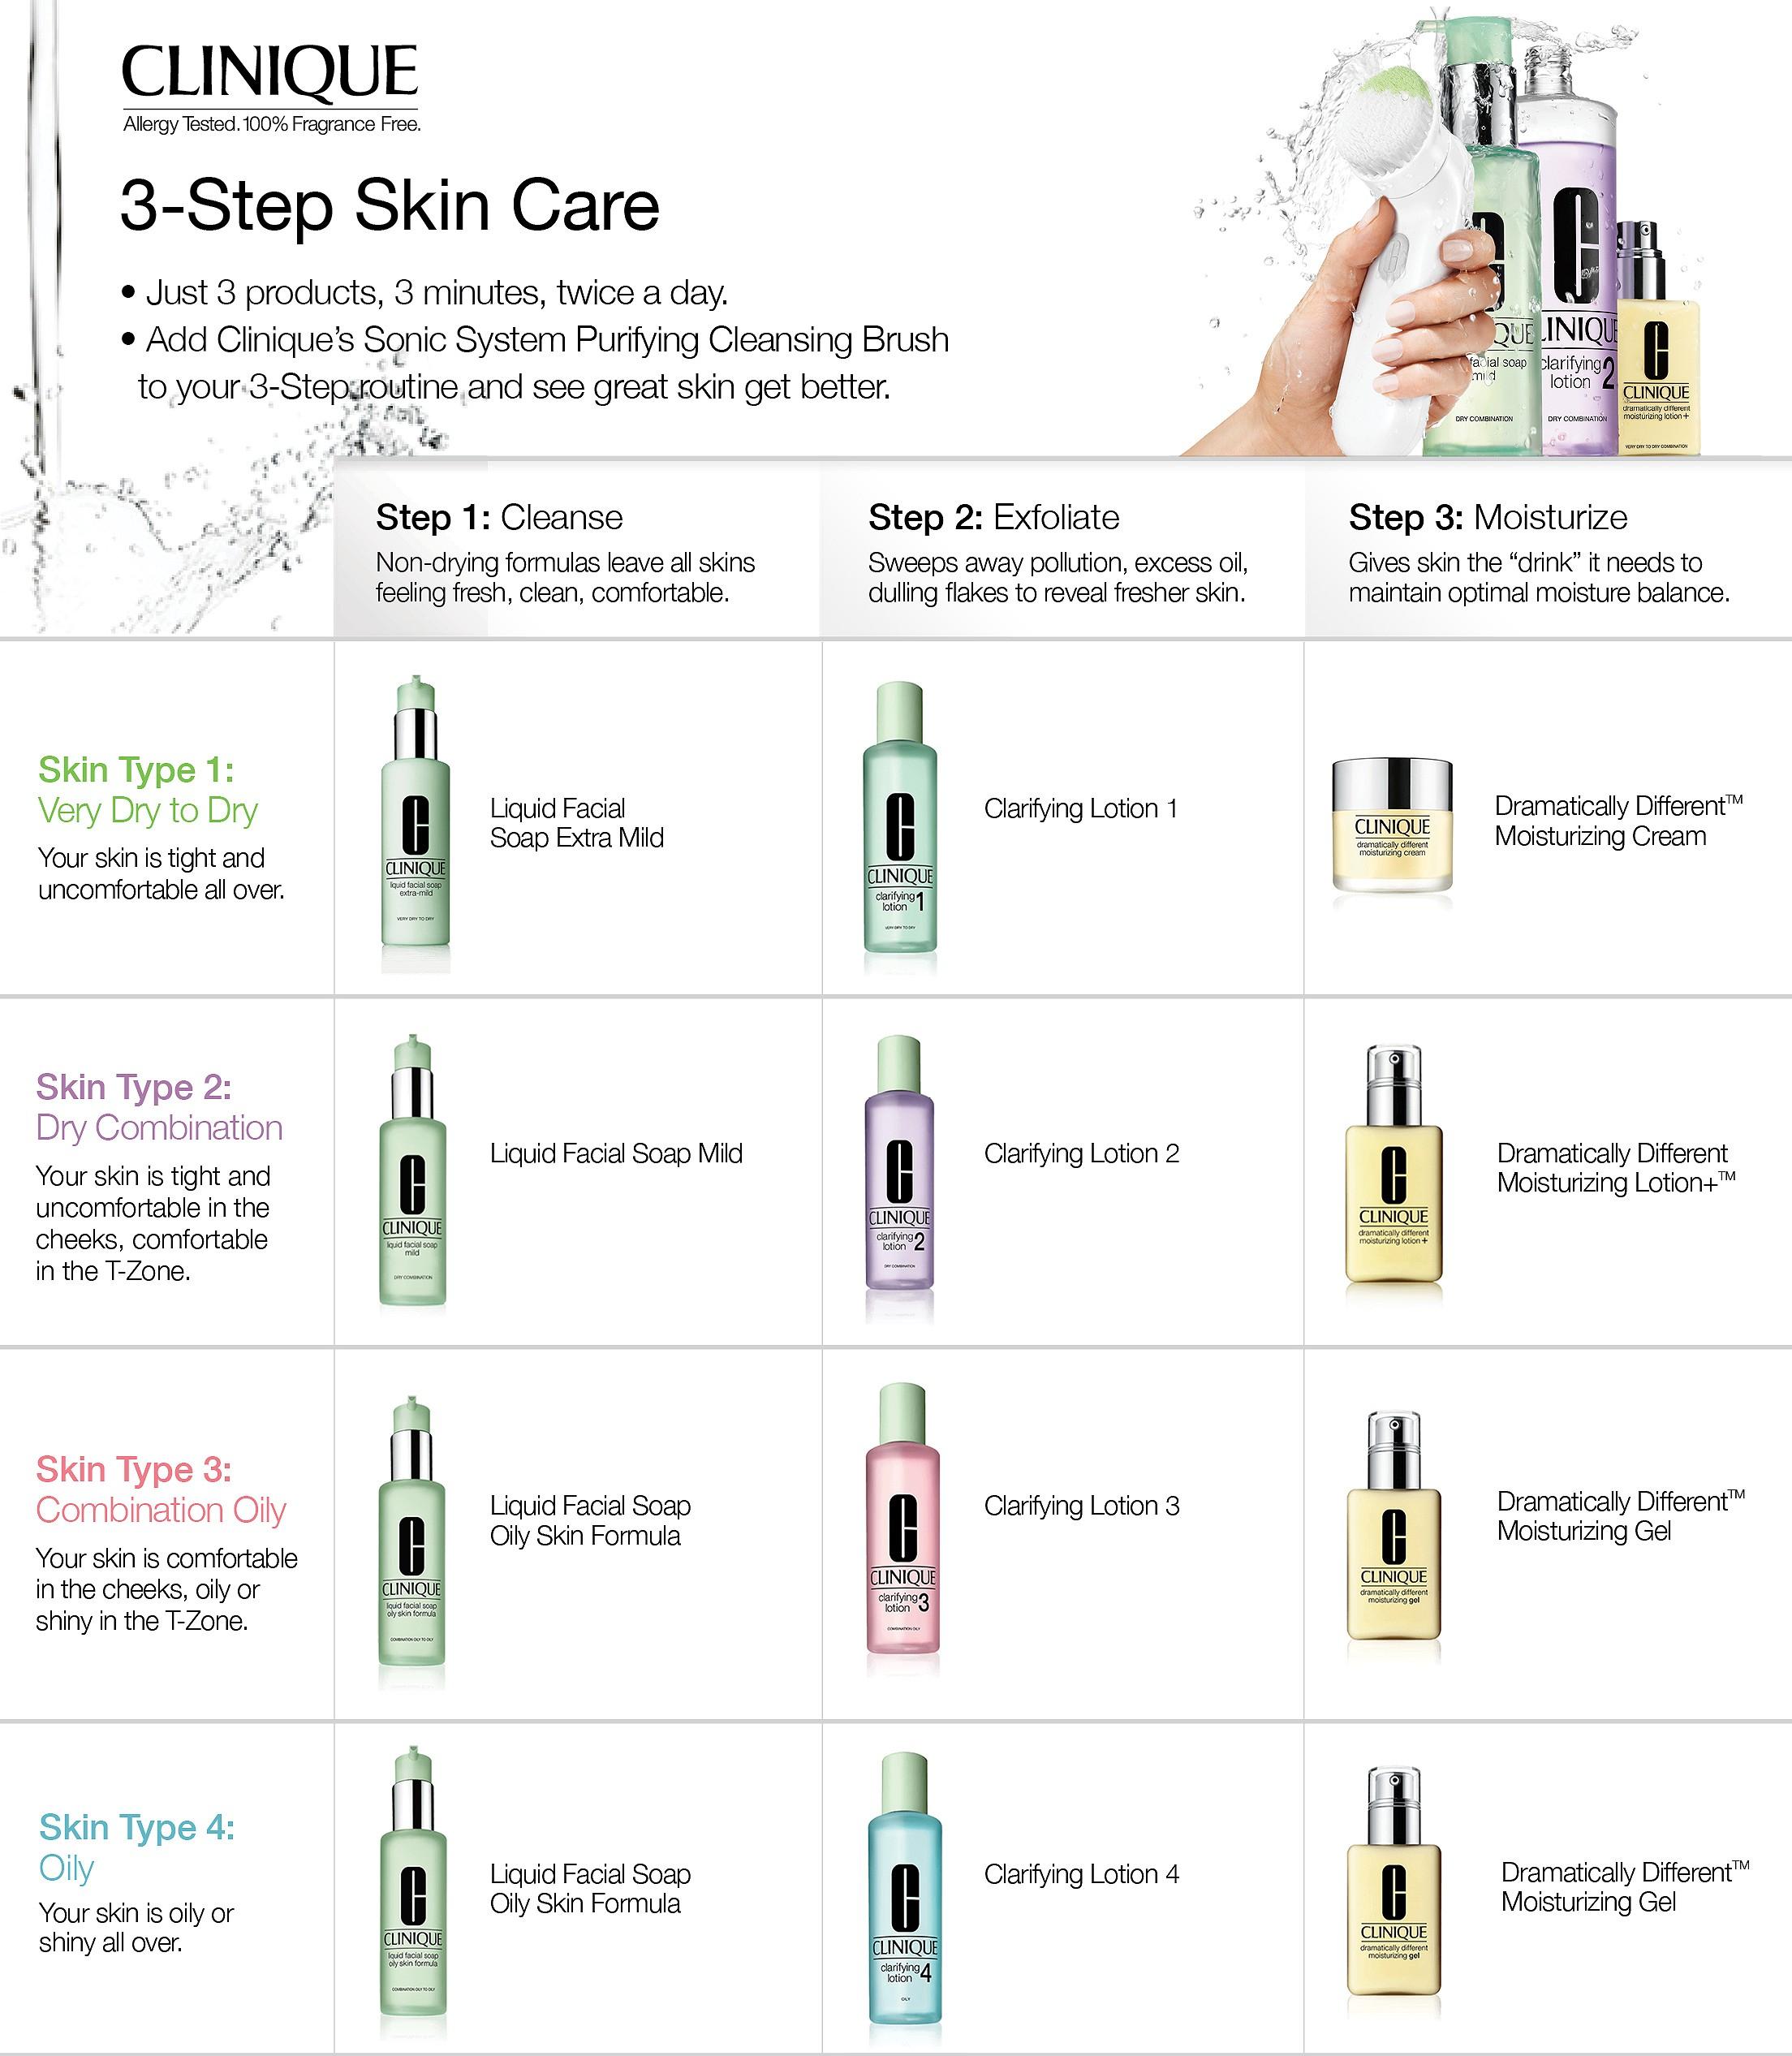 Liquid Facial Soap Extra Mild by Clinique #20